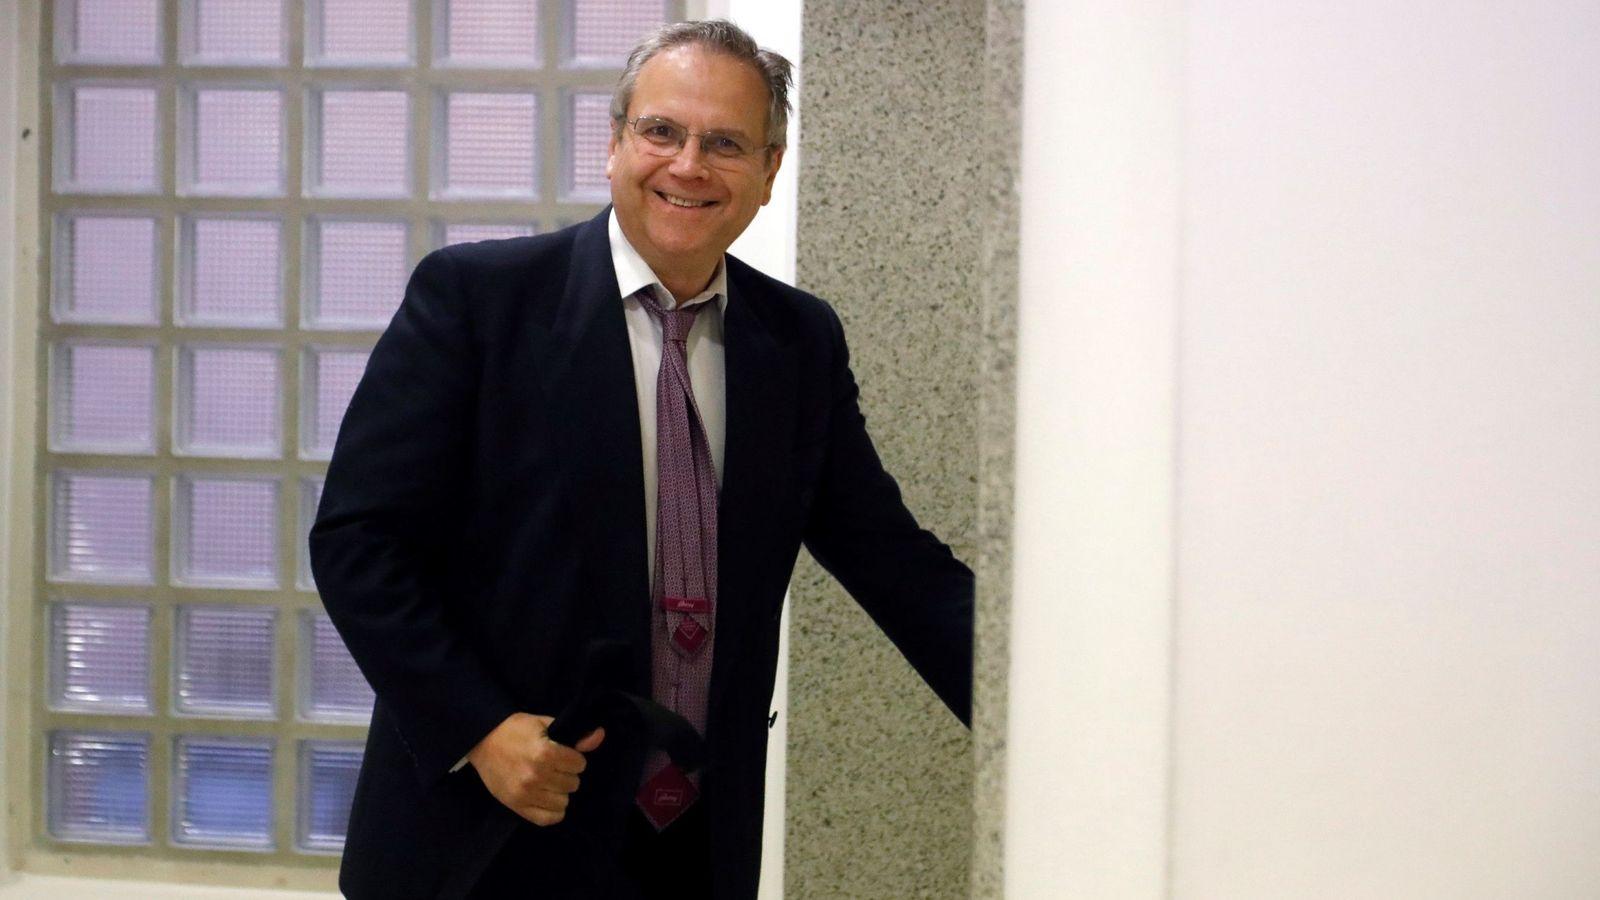 Persecución De Carmona Denuncia La Los Antonio Miguel Ahmadíes Urdu En 3T1FlKJc